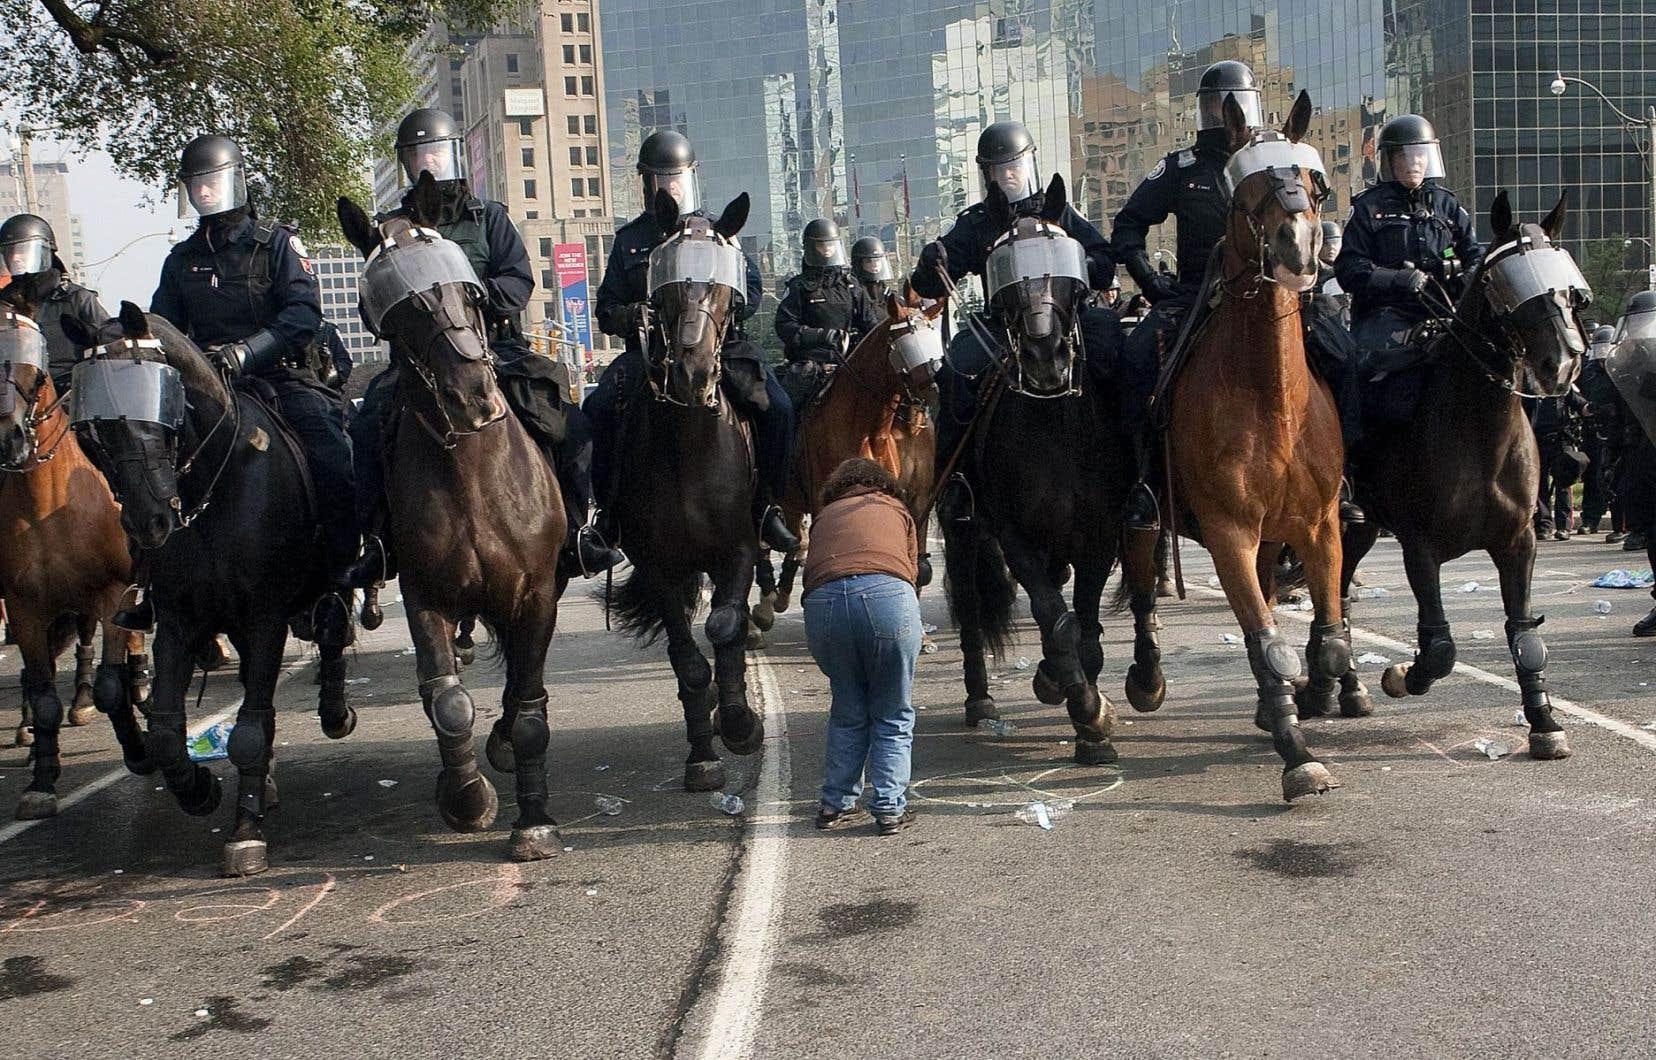 En juin 2010, lors du sommet du G20, plus de 1000 personnes avaient été interpellés ou détenues.